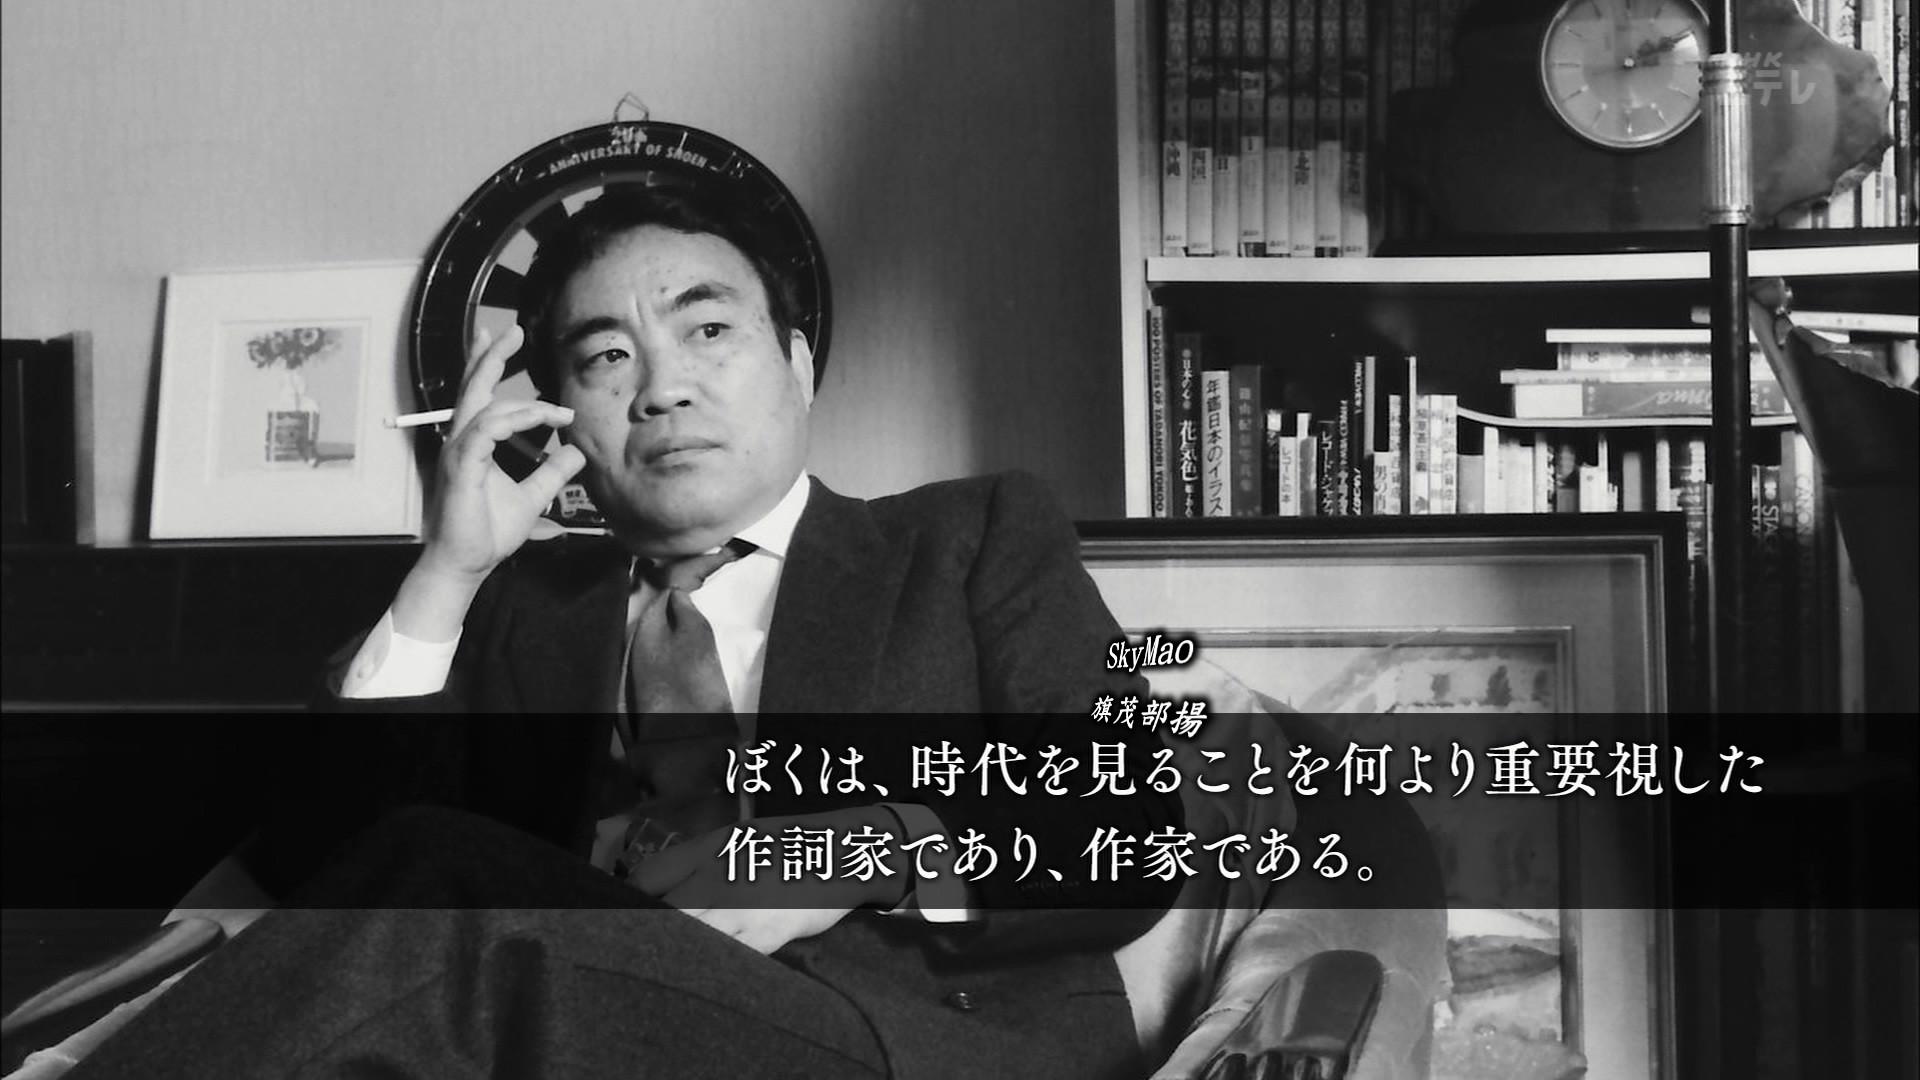 2017.09.23 全場(いきものがかり水野良樹の阿久悠をめぐる対話).ts_20170924_020807.858